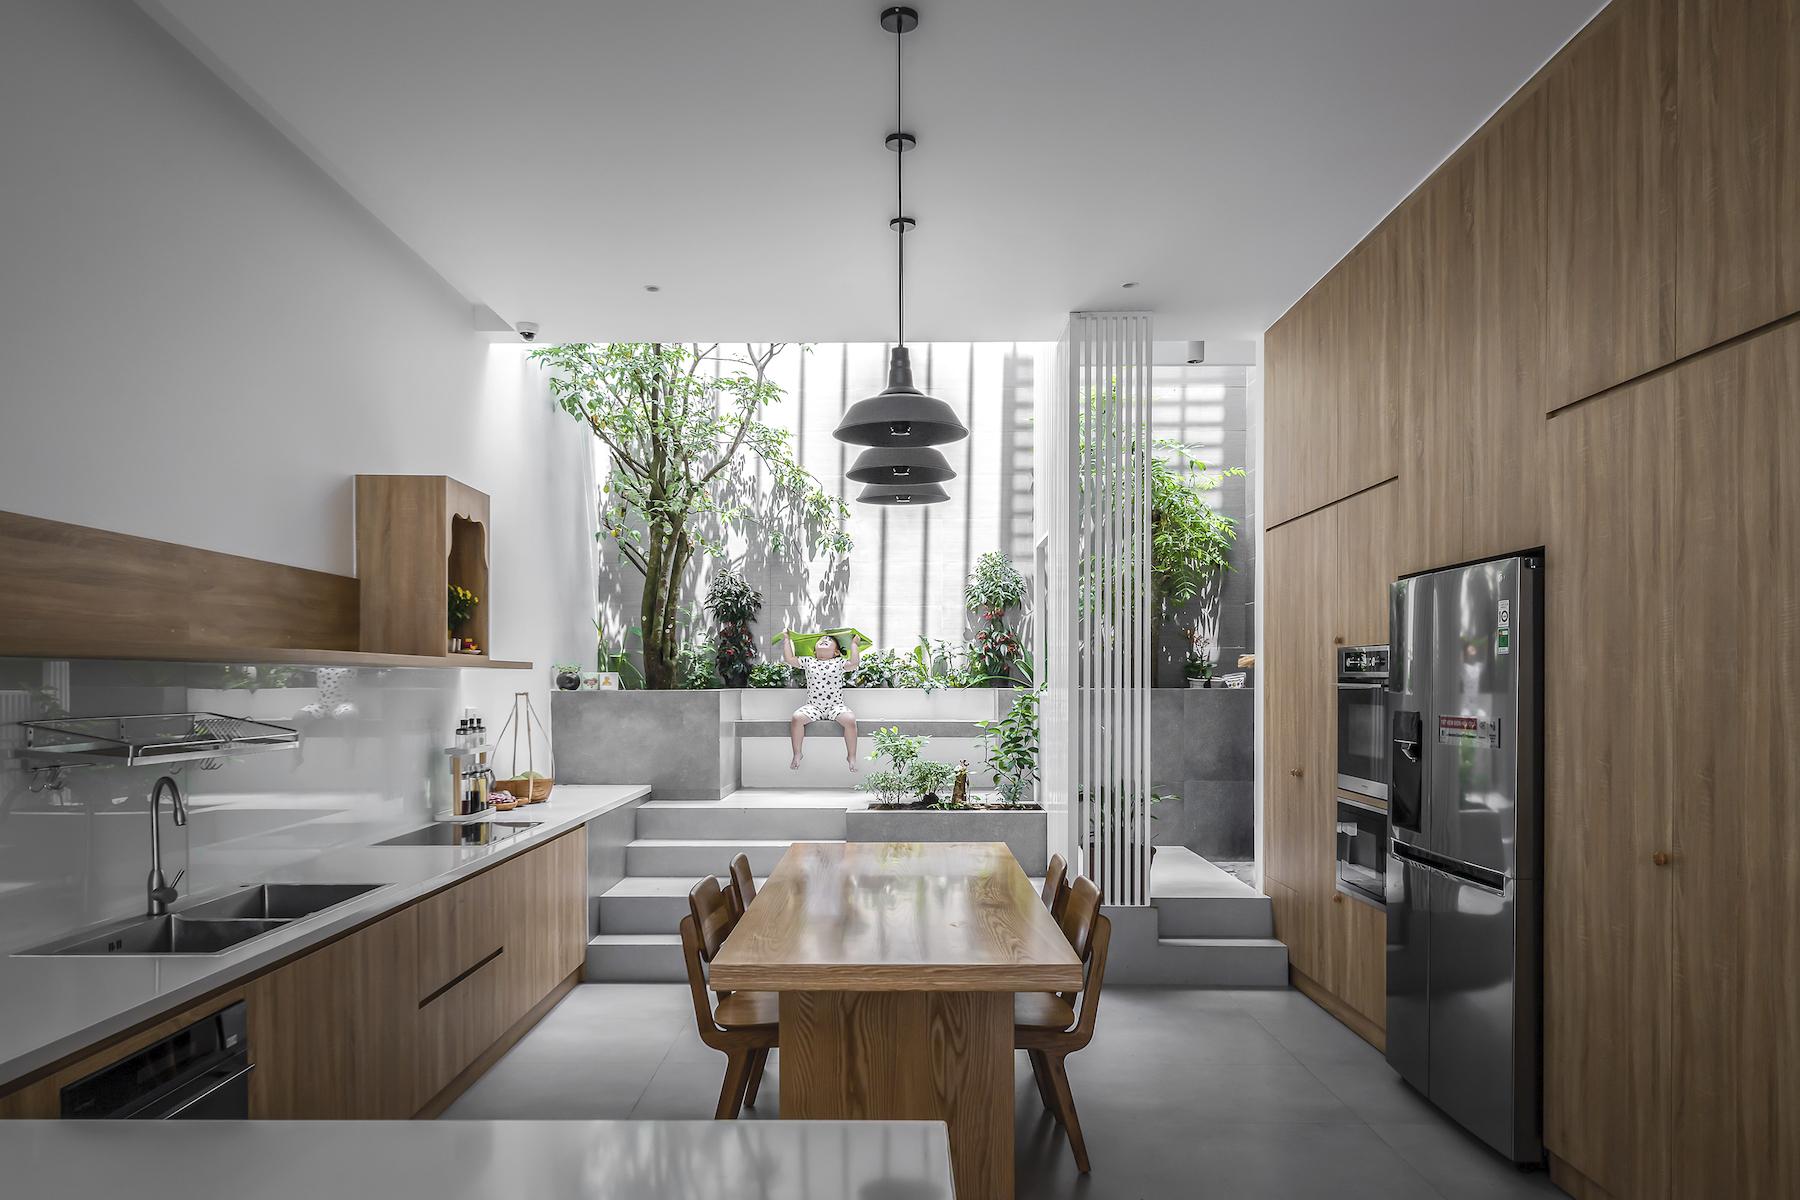 Khu bếp và phòng ăn nhìn ra sân sau với cây xanh và giếng trời.